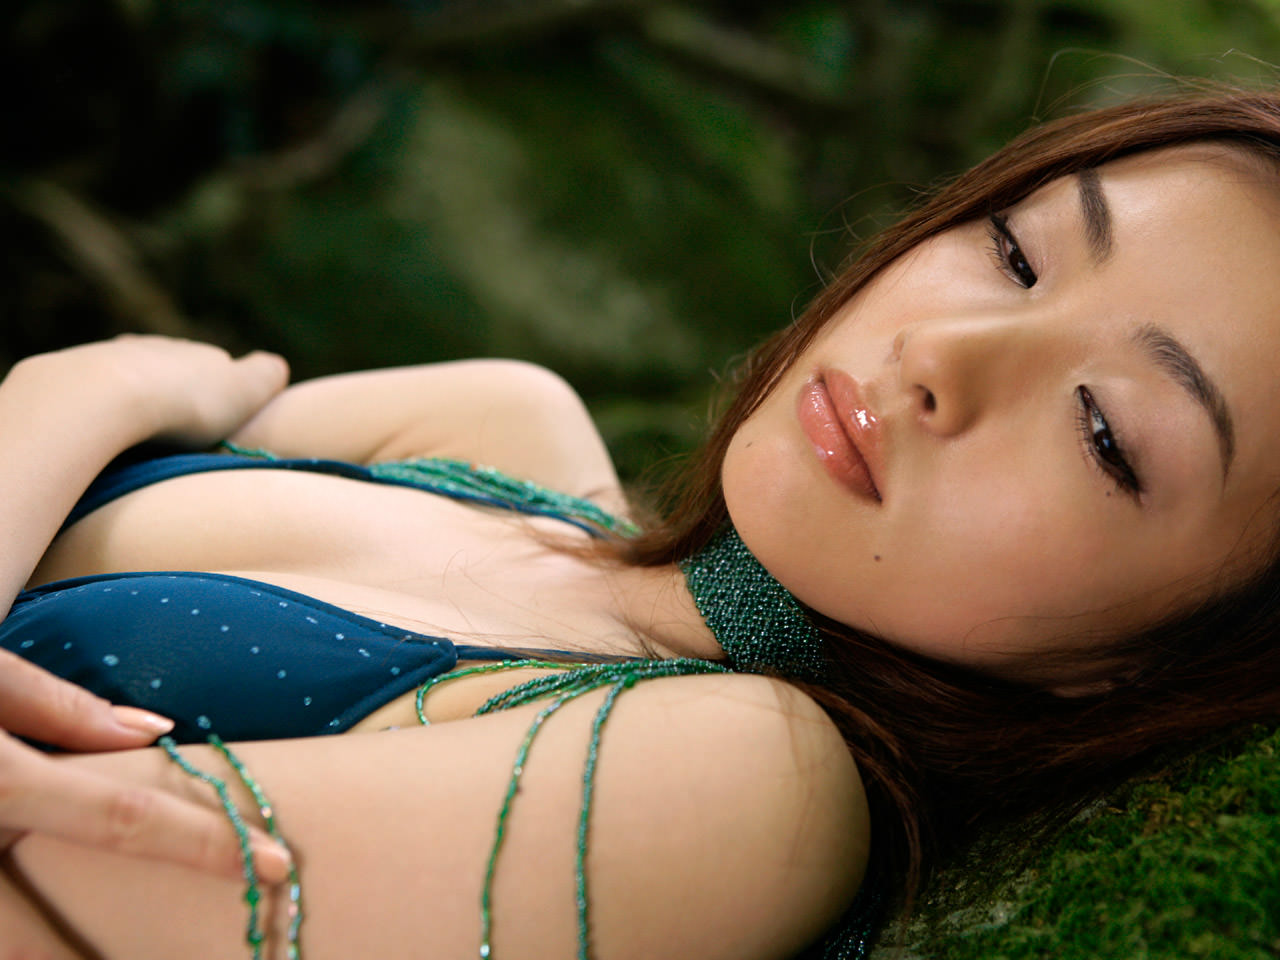 Японки в бикини фото 9 фотография